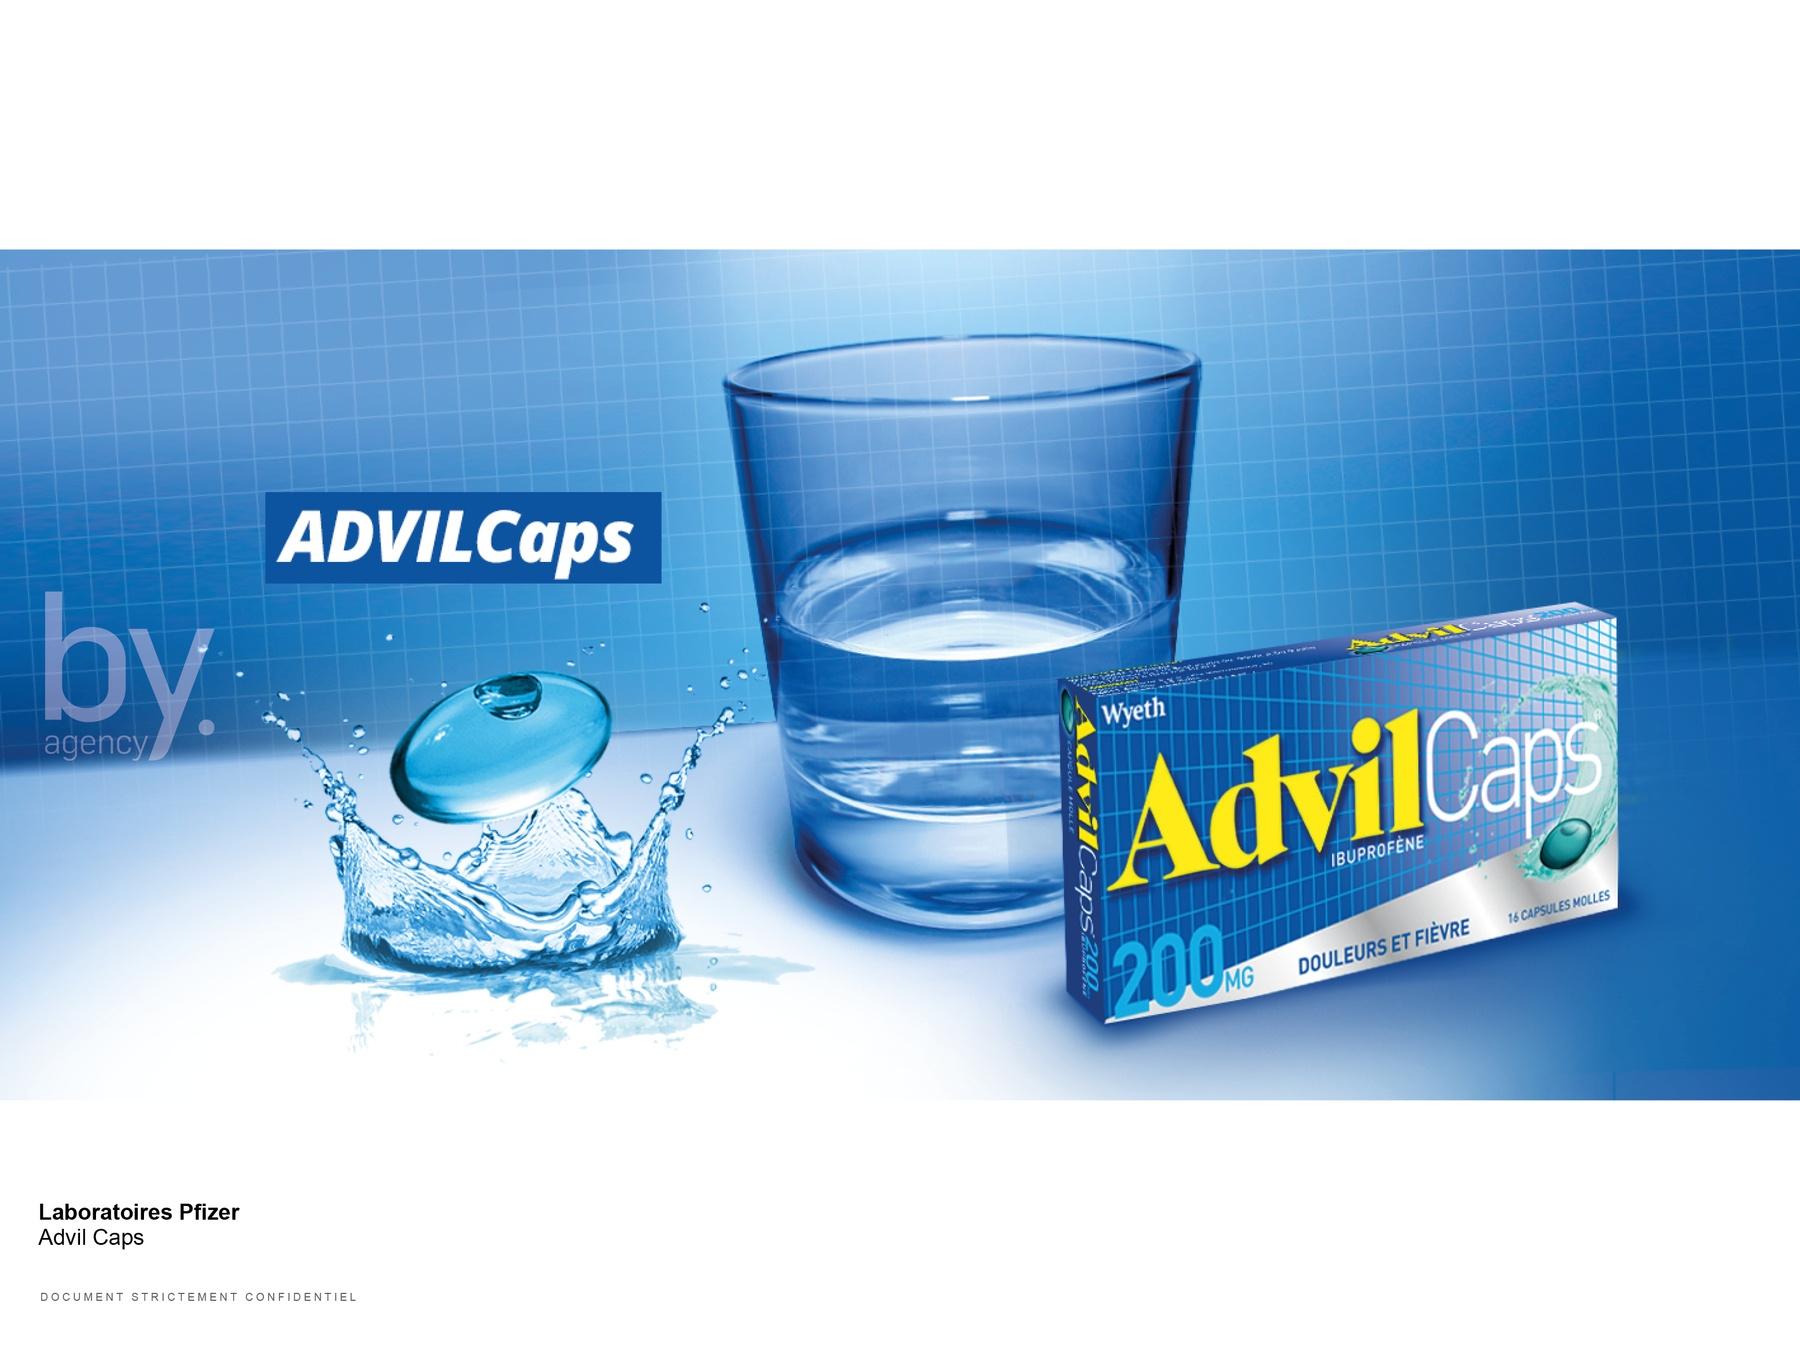 packaging advil caps